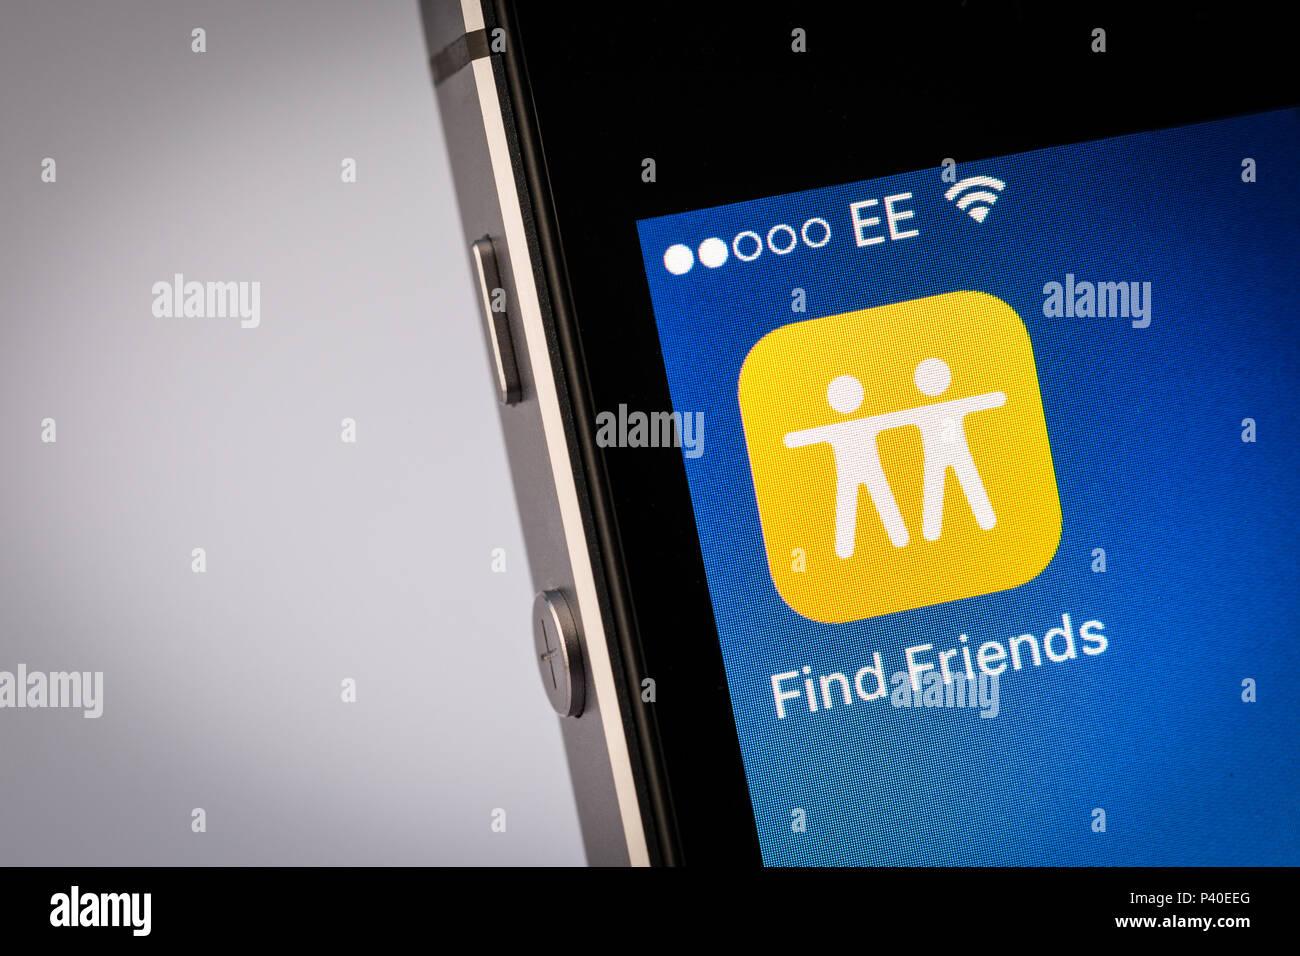 Encontrar amigos en un App iPhone Smartphone Imagen De Stock